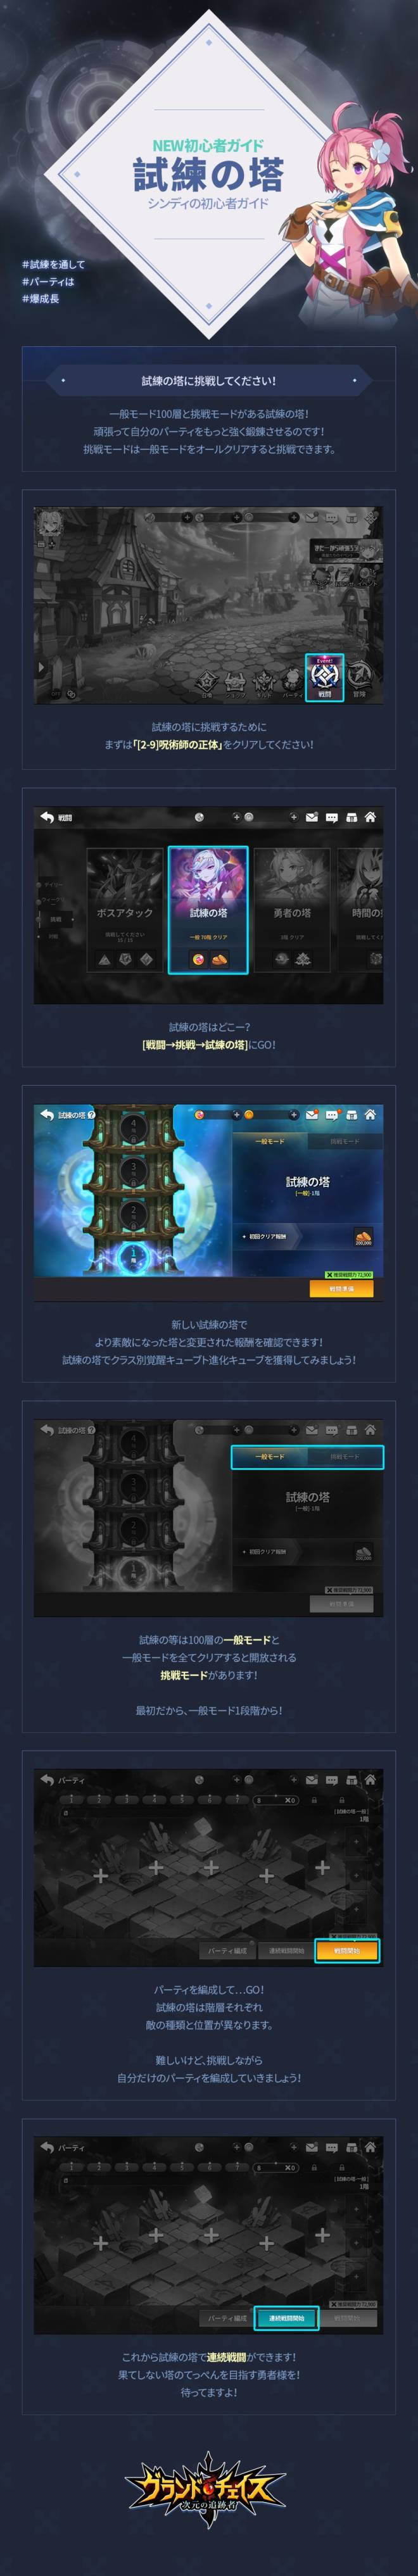 グランドチェイス -次元の追跡者-: プレイガイド - 【New初心者ガイド】試練の塔  image 1